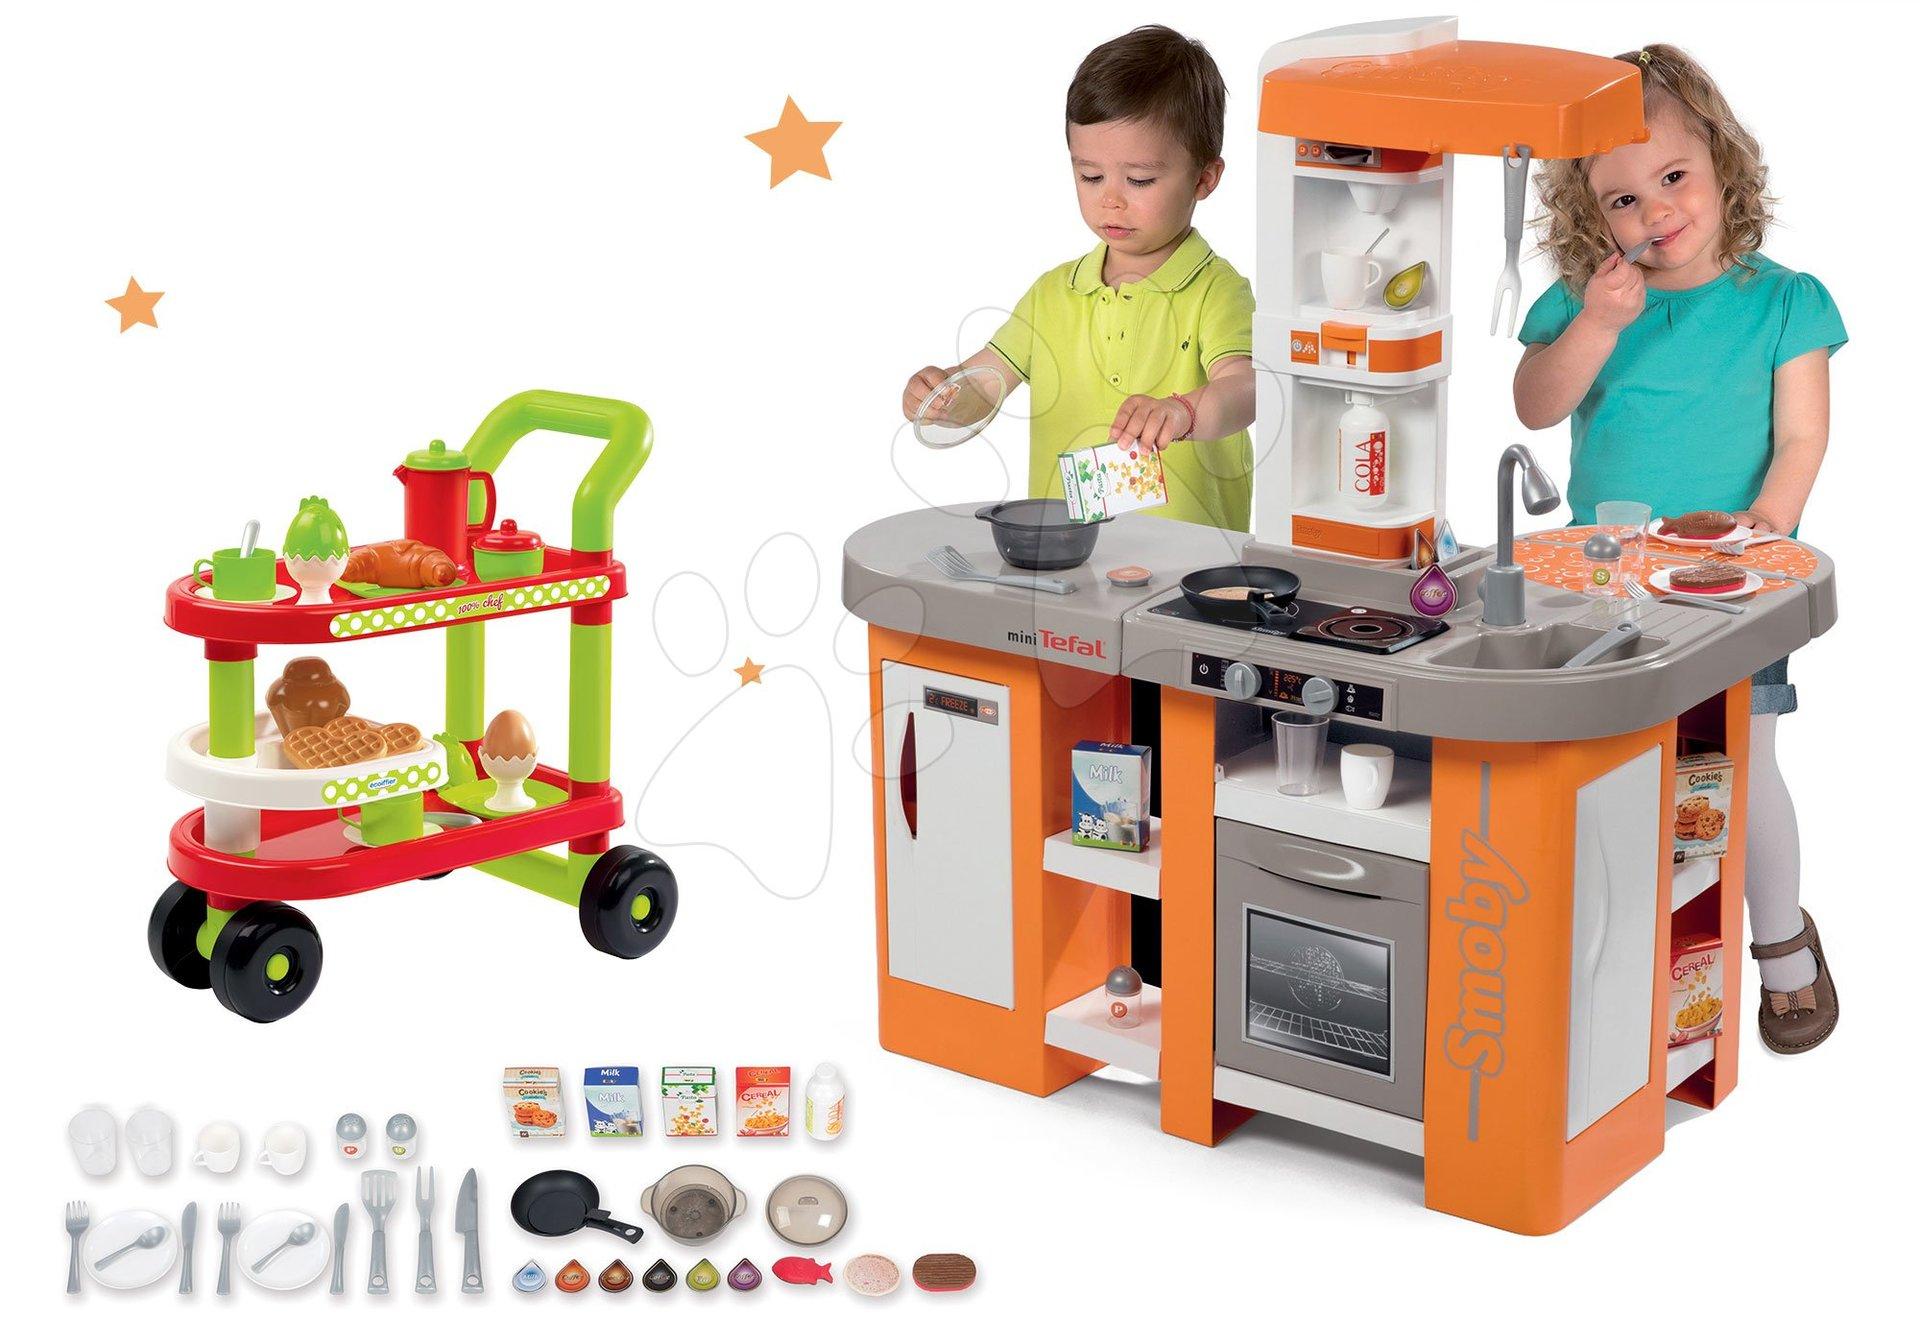 Set kuchyňka elektronická Tefal Studio XL Smoby s magickým bubláním a servírovací vozík se snídaní 100% Chef